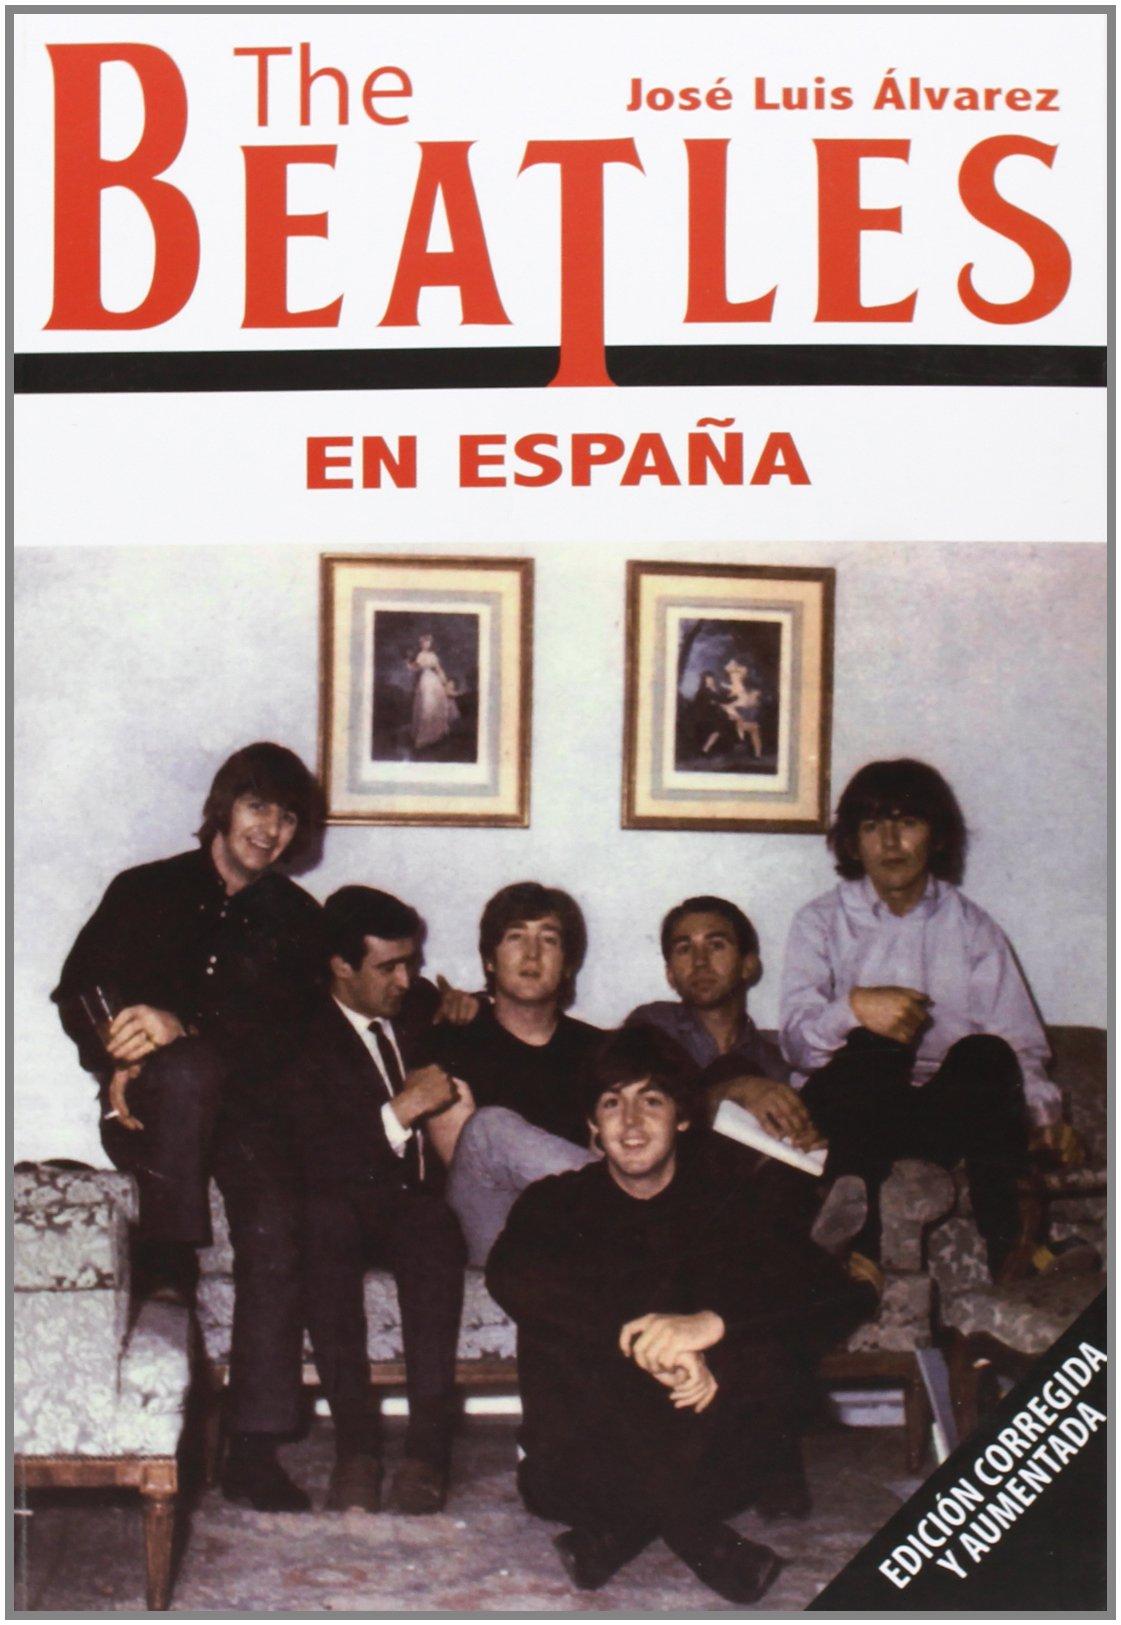 The Beatles En España: Amazon.es: José Luis Álvarez: Libros